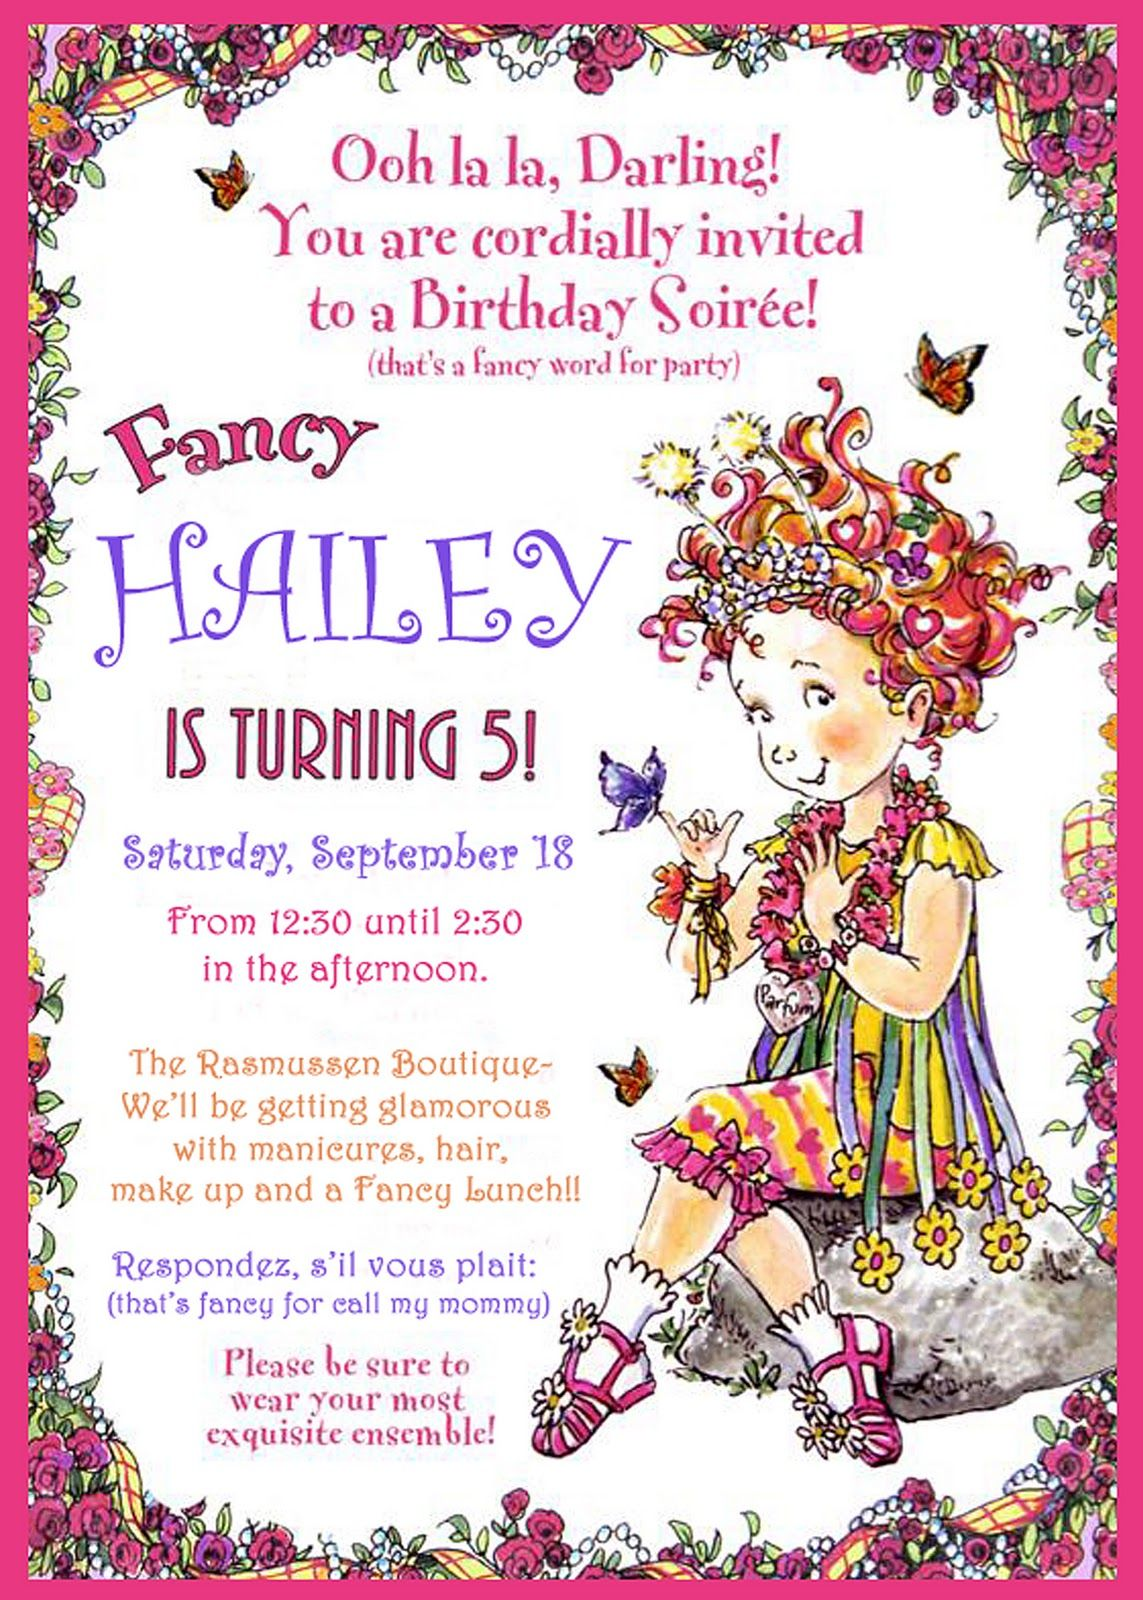 Fancy Nancy party ideas | Party Ideas | Pinterest | Fancy nancy ...